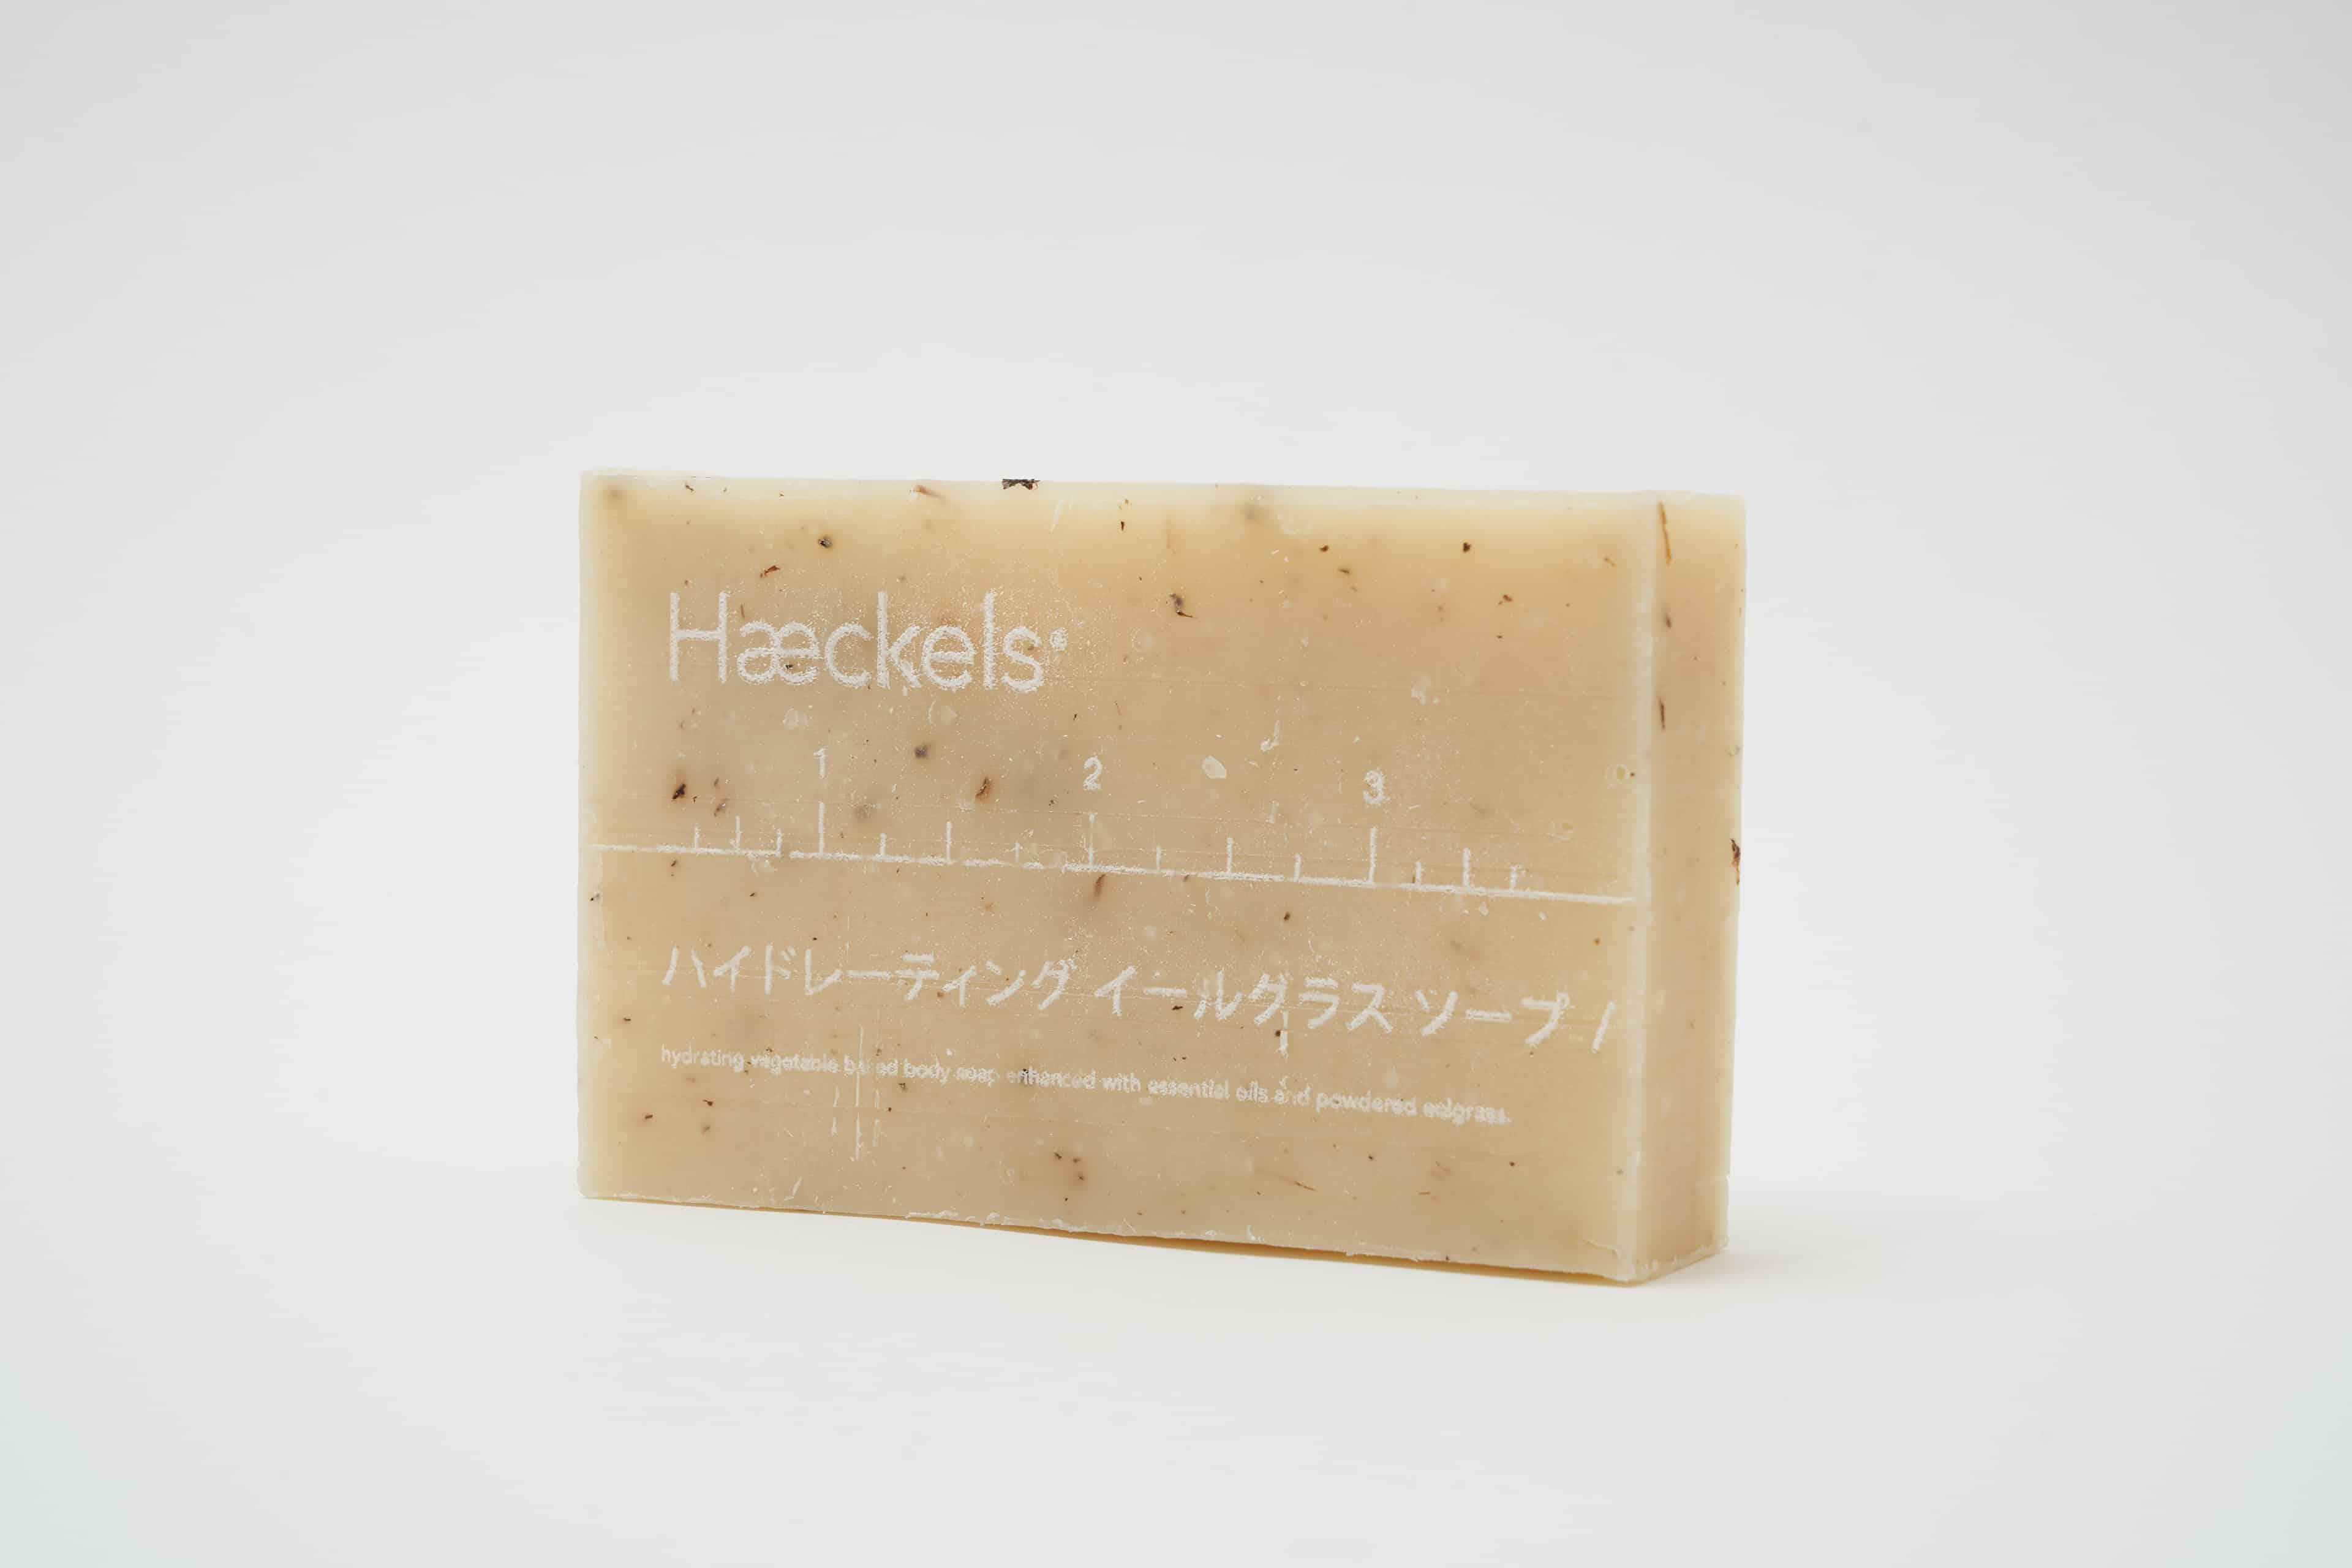 環境に配慮したHaeckels 石鹸